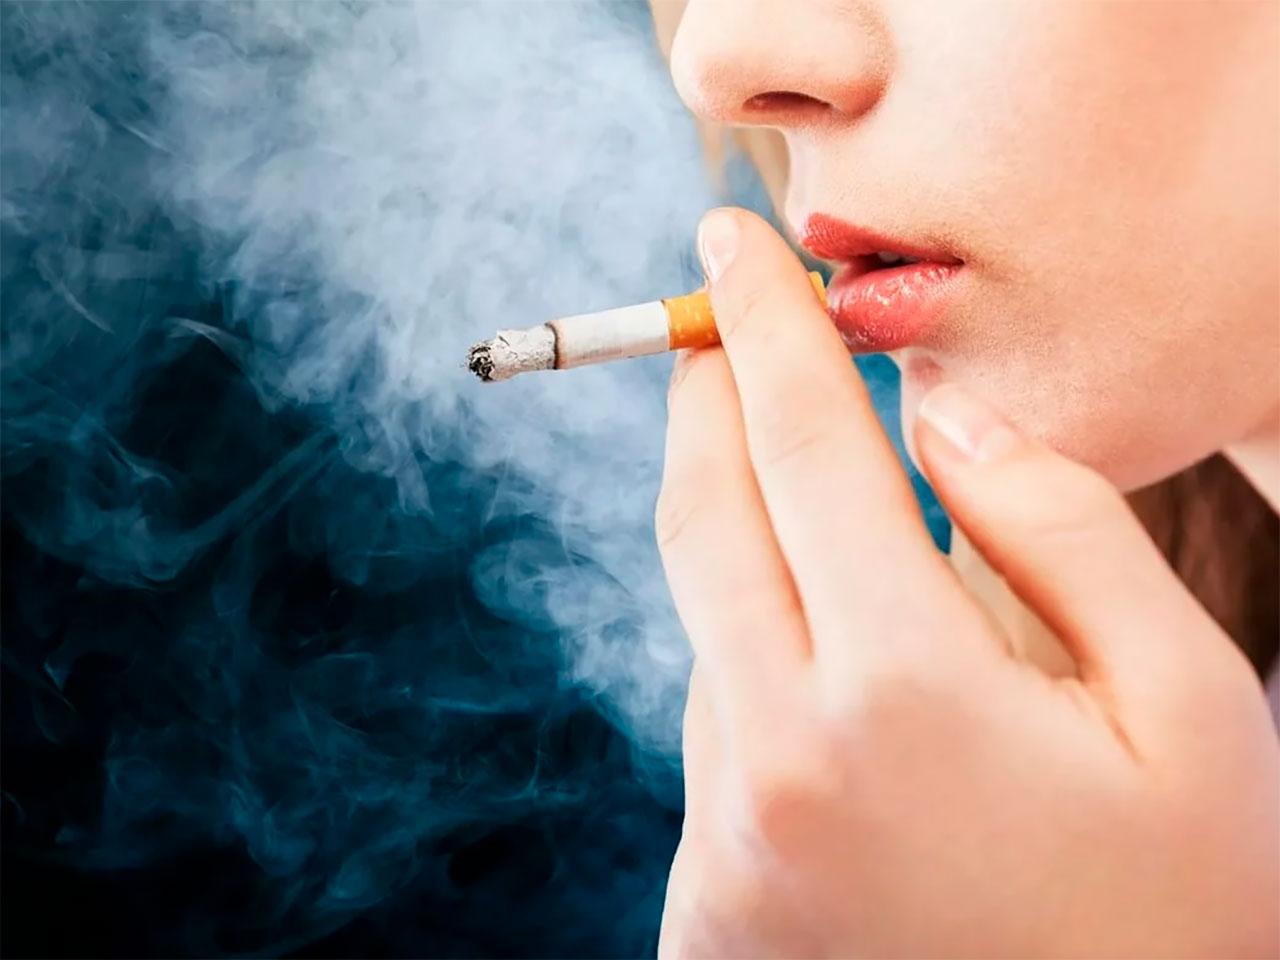 картинки с курильщиками невероятном приключении синоптика